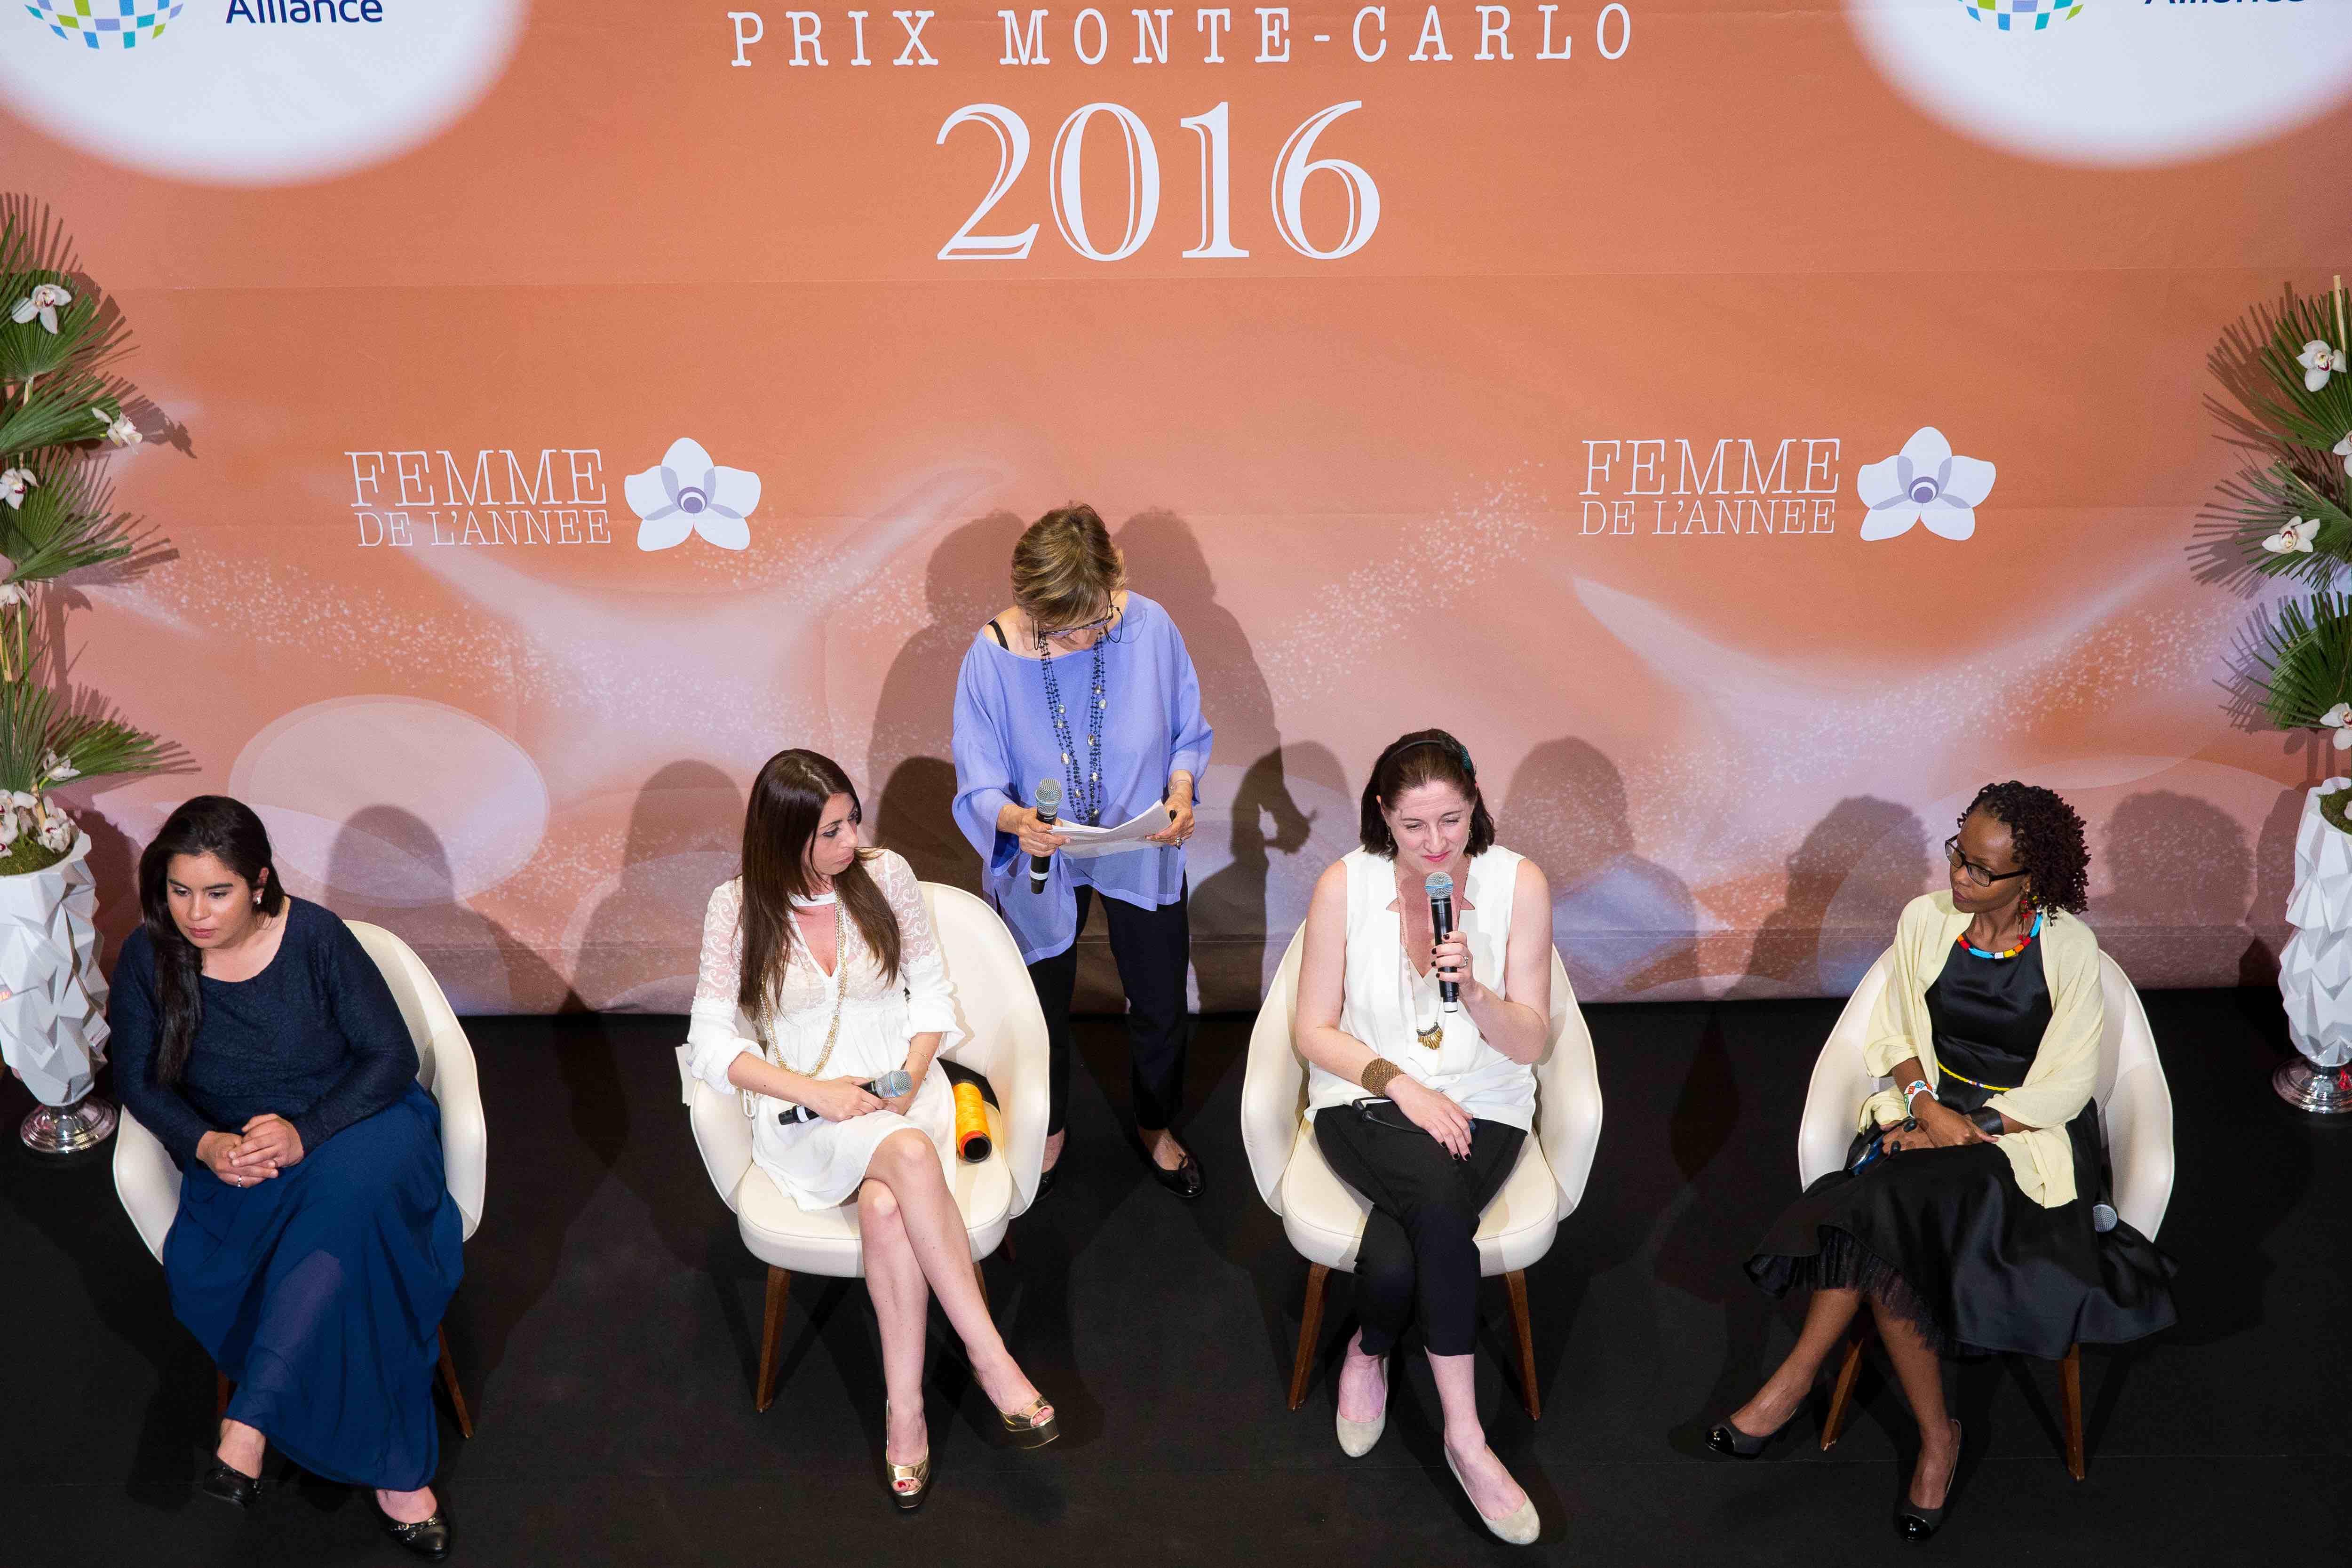 Women's_Forum-_prix_Monte-Carlo_Femme_de_l'Année